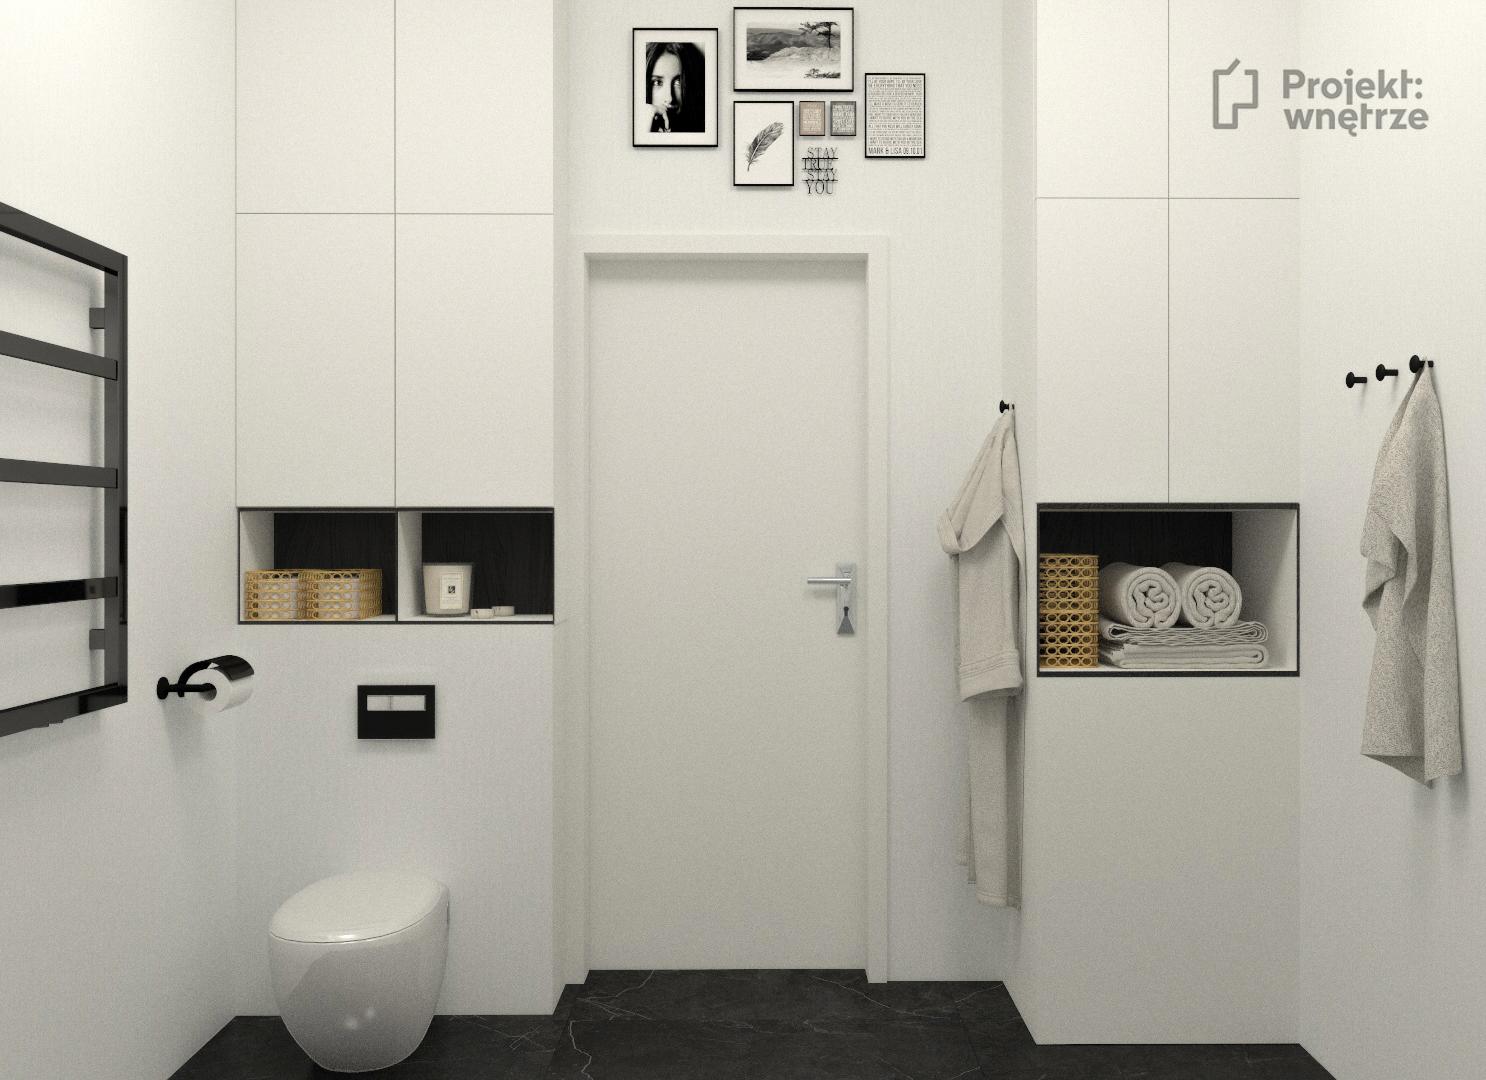 Projekt wnetrze biało czarna łazienka w bloku zabudowa